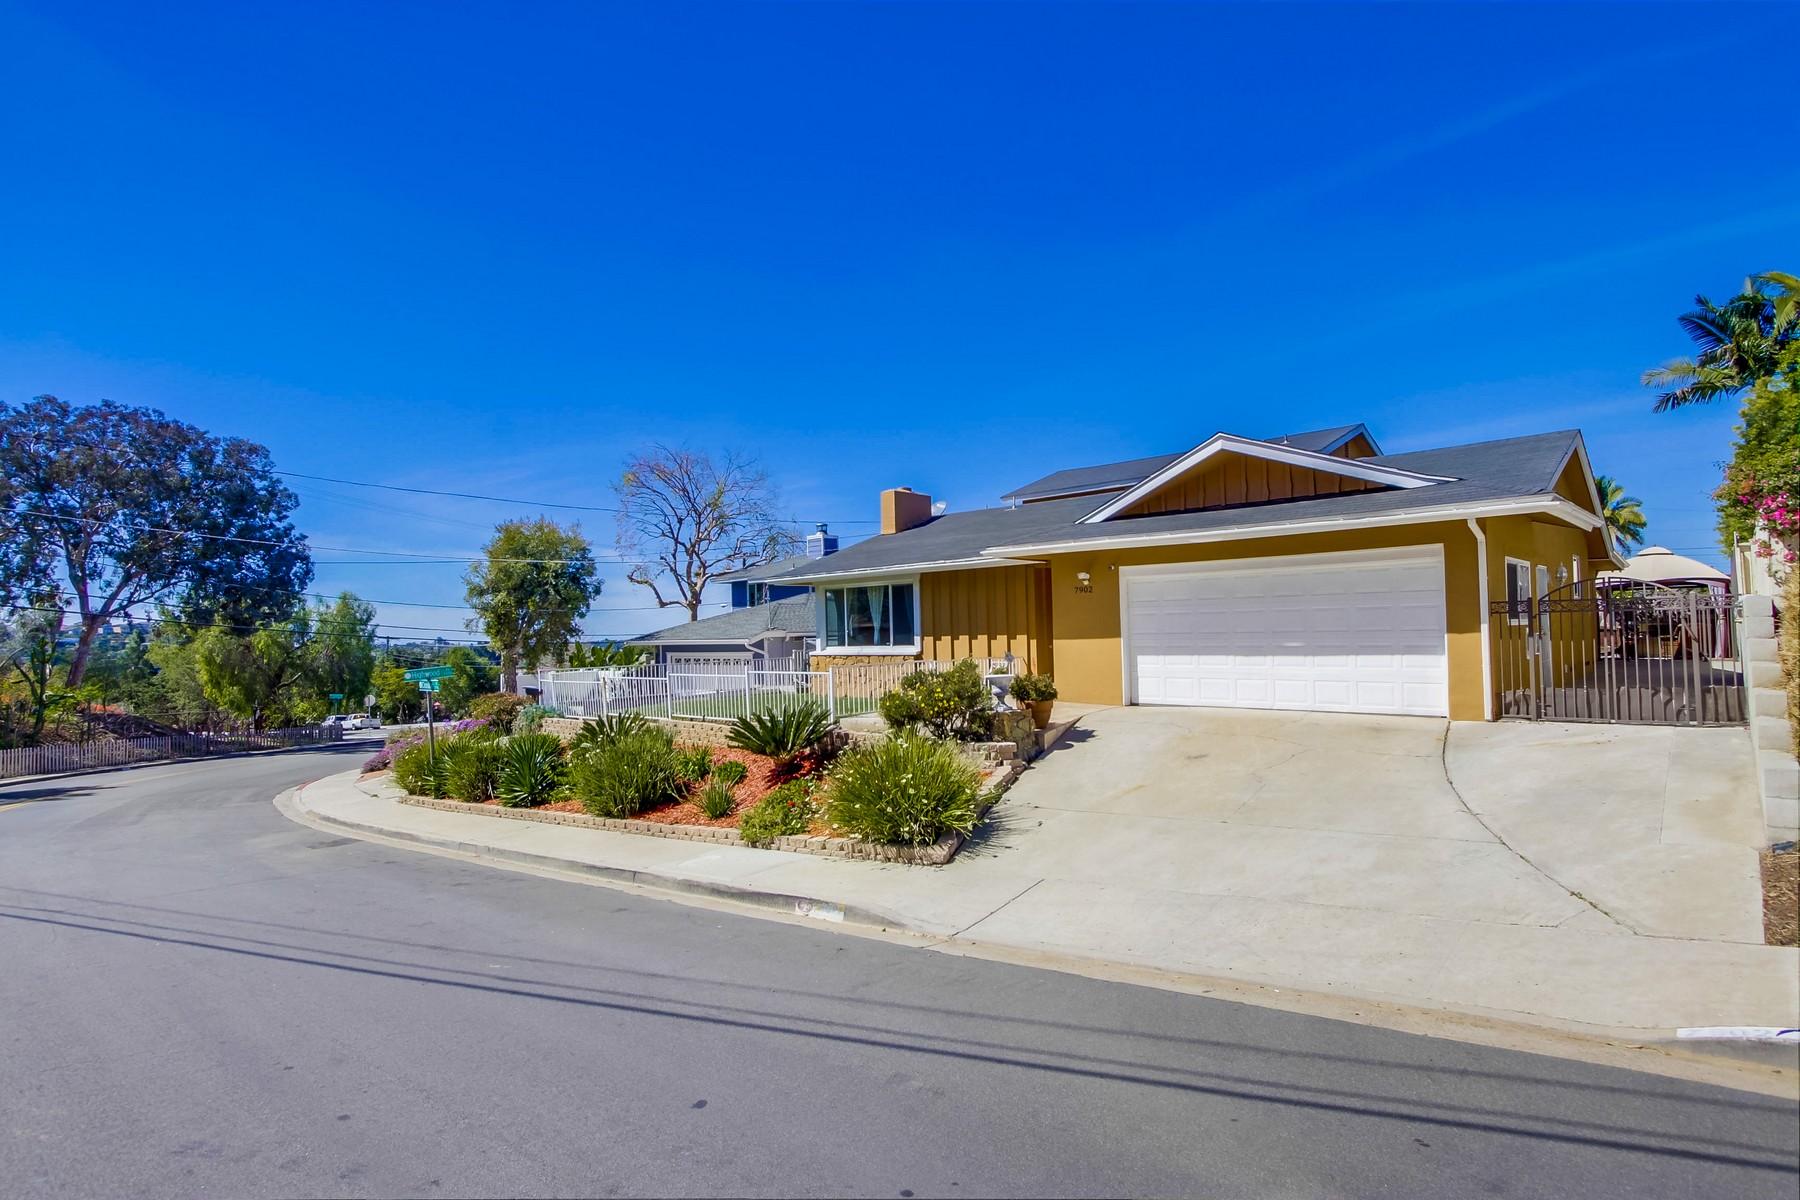 Casa Unifamiliar por un Venta en 7902 Cinnabar 7902 Cinnabar Drive La Mesa, California 91941 Estados Unidos